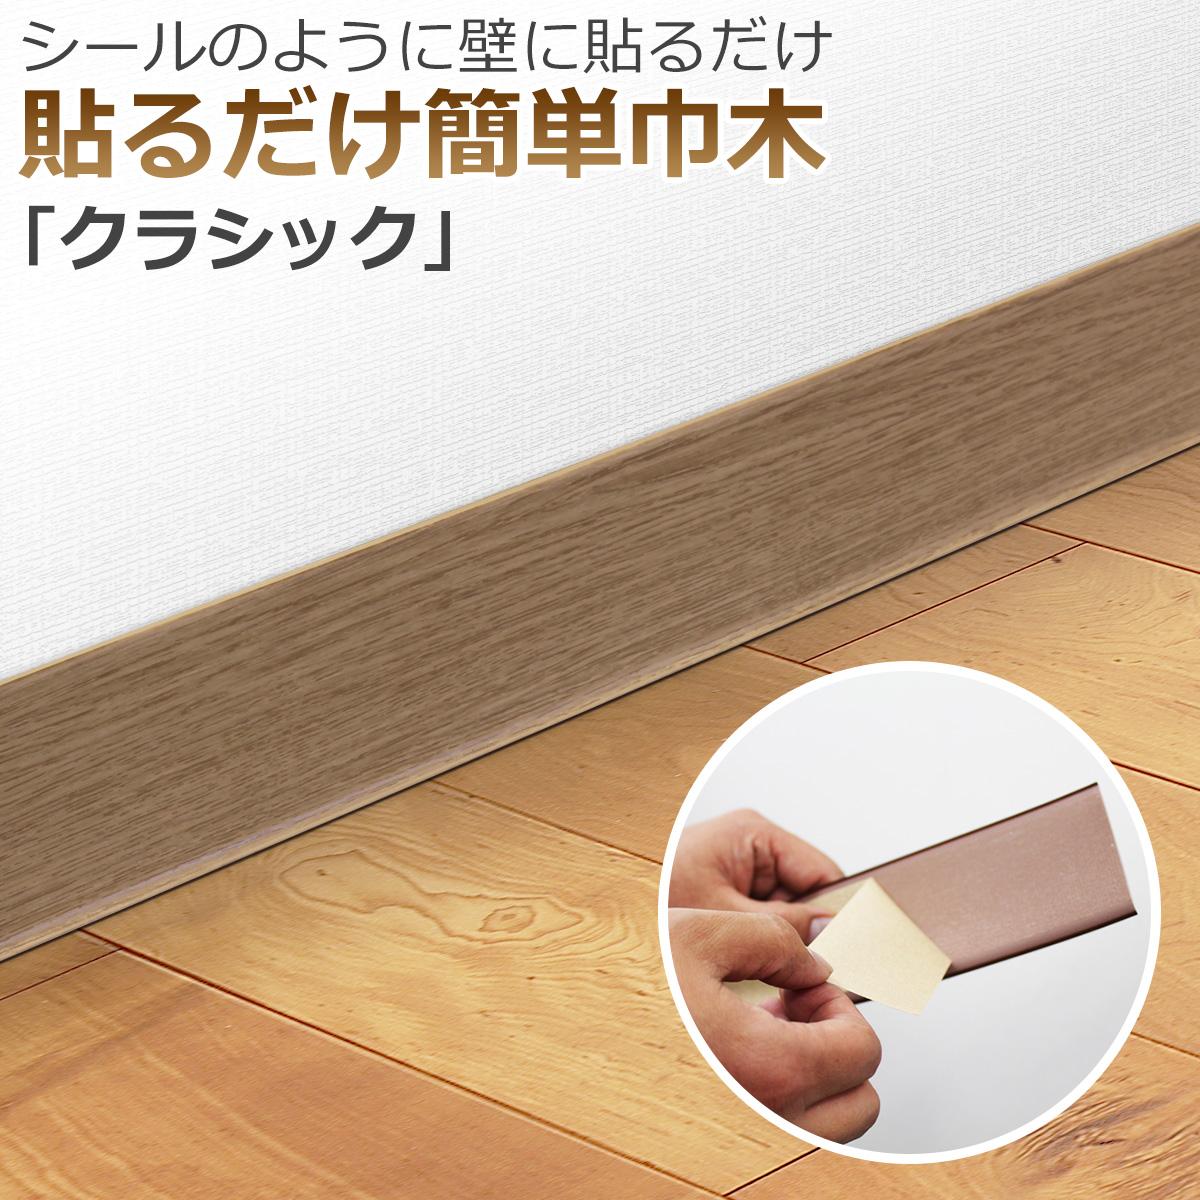 シールのように壁に貼るだけ 貼るだけ簡単巾木「クラシック」